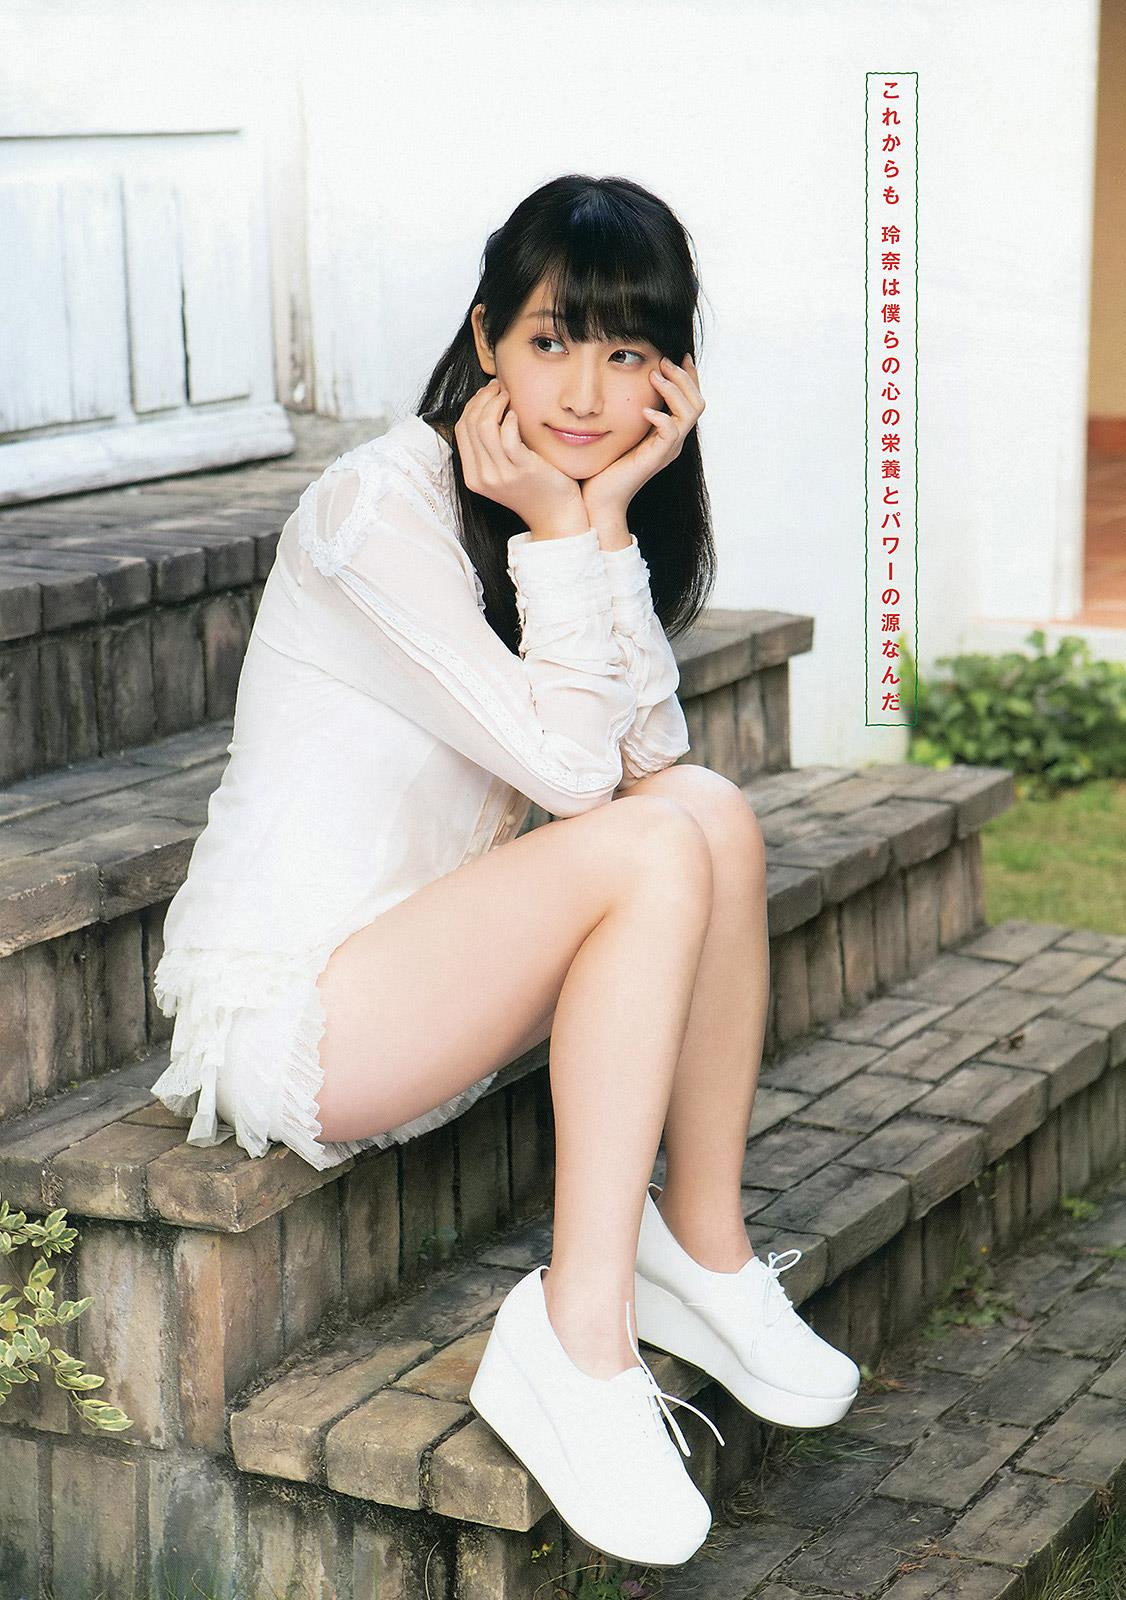 松井玲奈 エロ画像 44